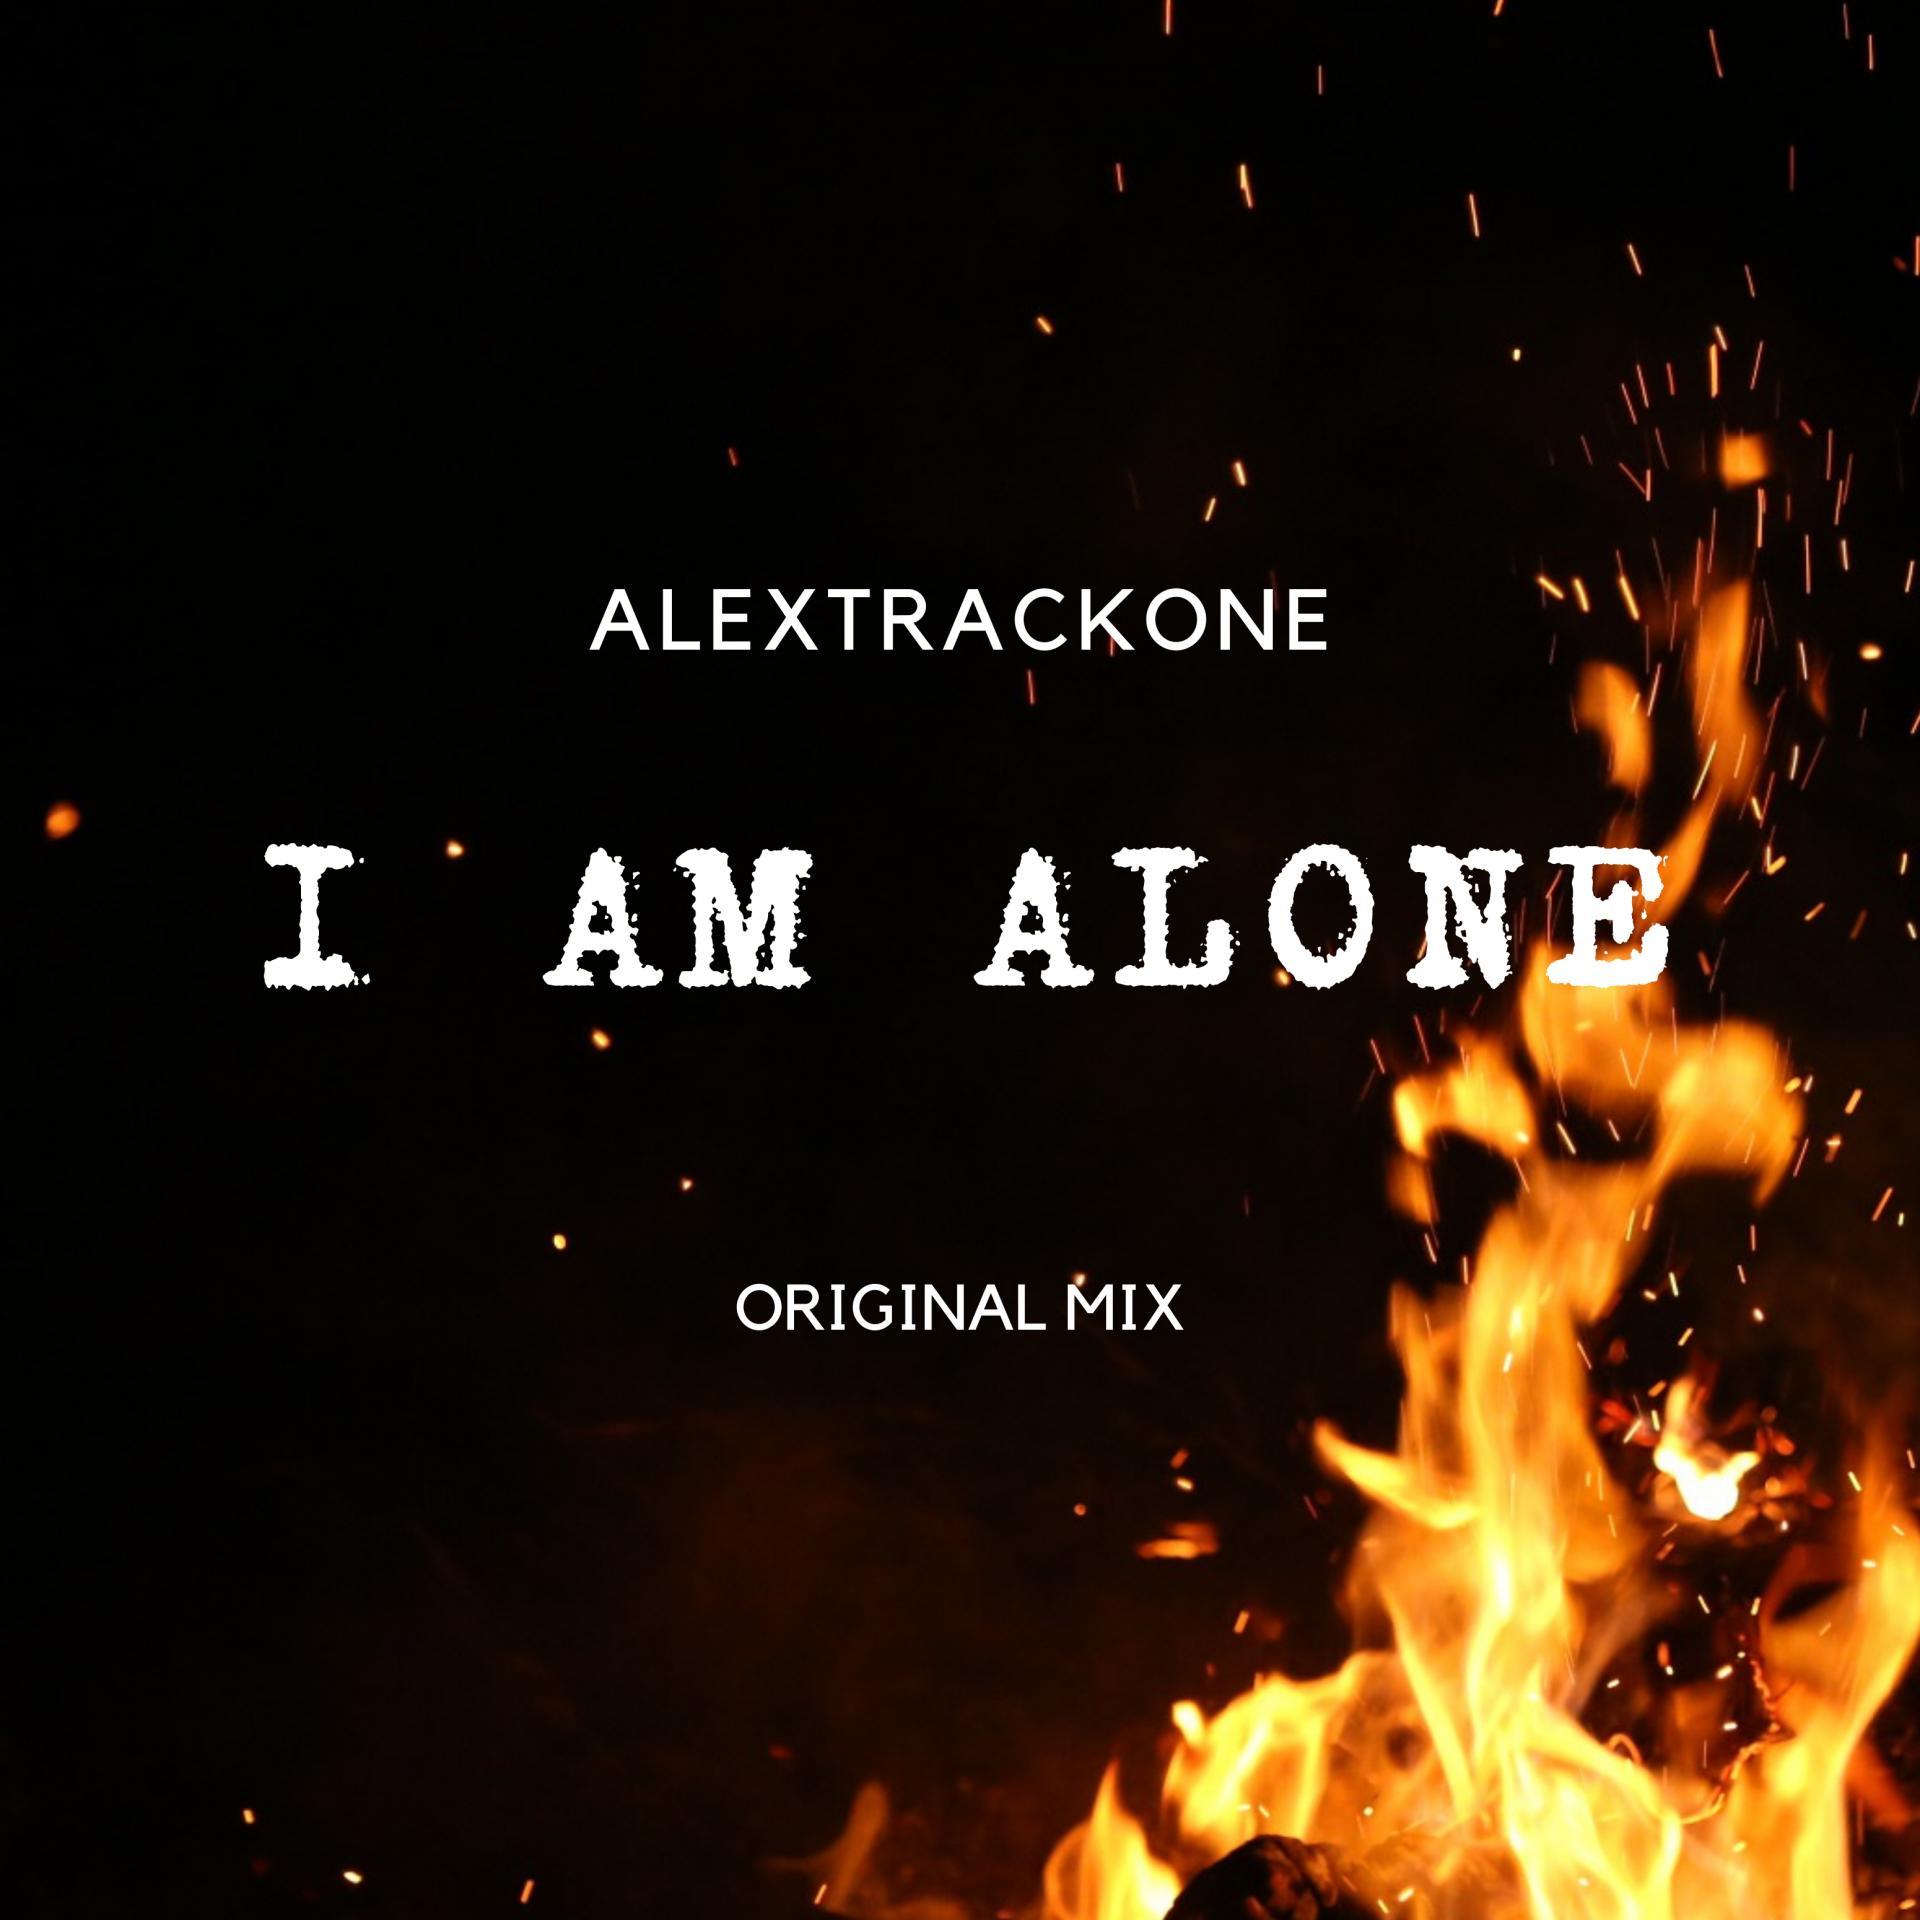 I AM ALONE -ORIGINAL MIX-